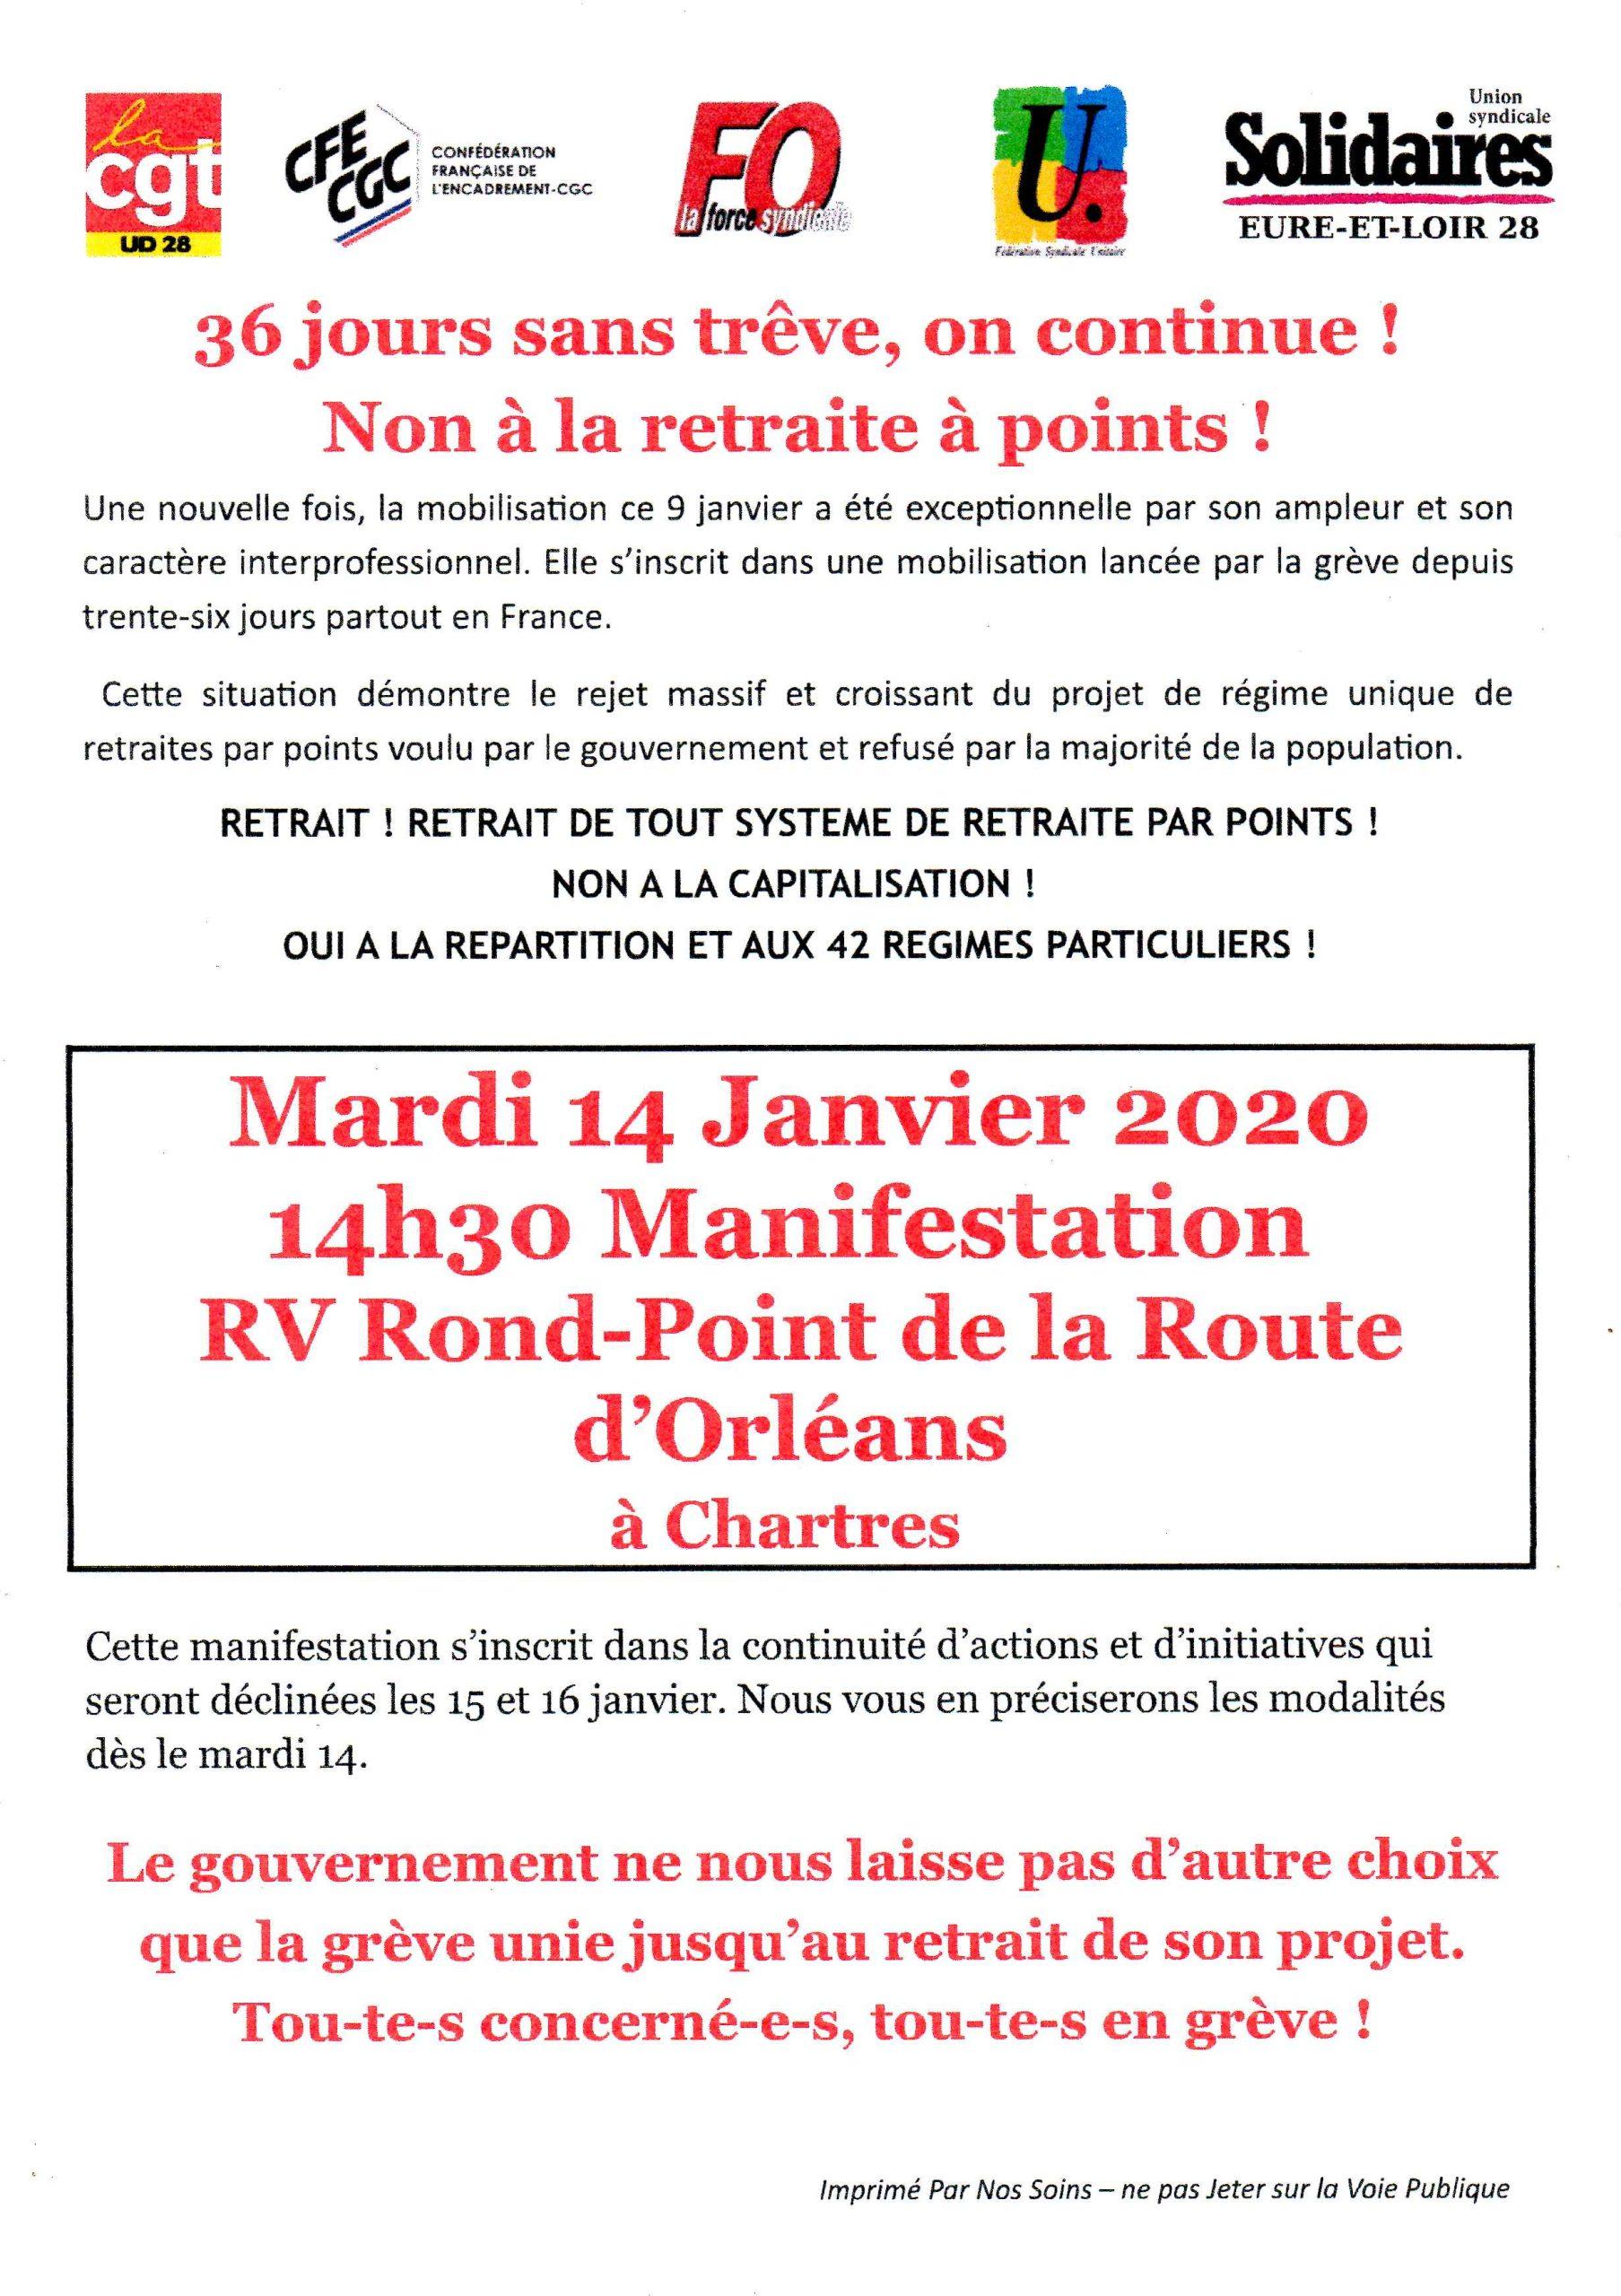 Appel Intersyndicale 28 Retraites pour Manifestation du 14-01-2020342